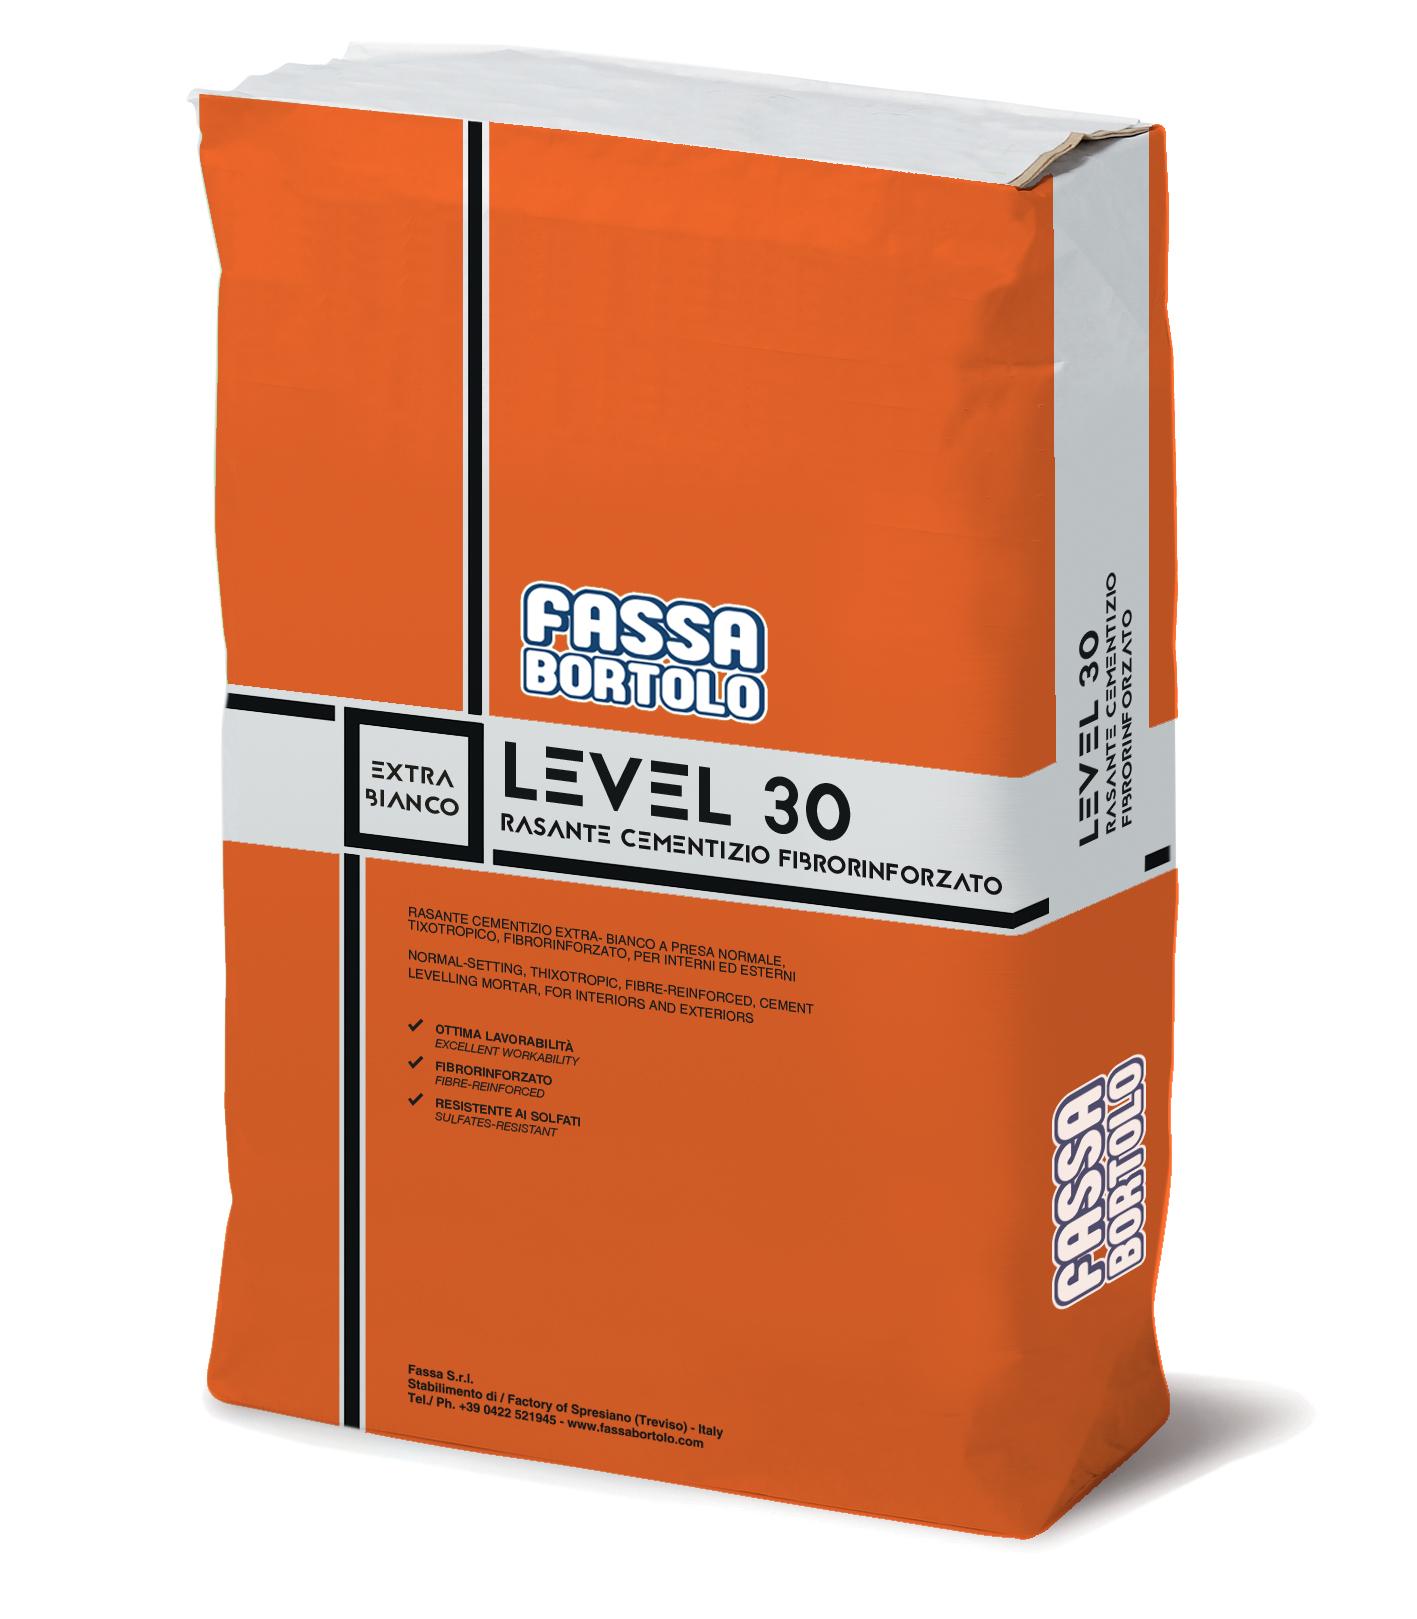 LEVEL 30: Regularizador cimentício extra-branco e cinza de presa normal, tixotrópico, fibro-reforçado, para interiores e exteriores